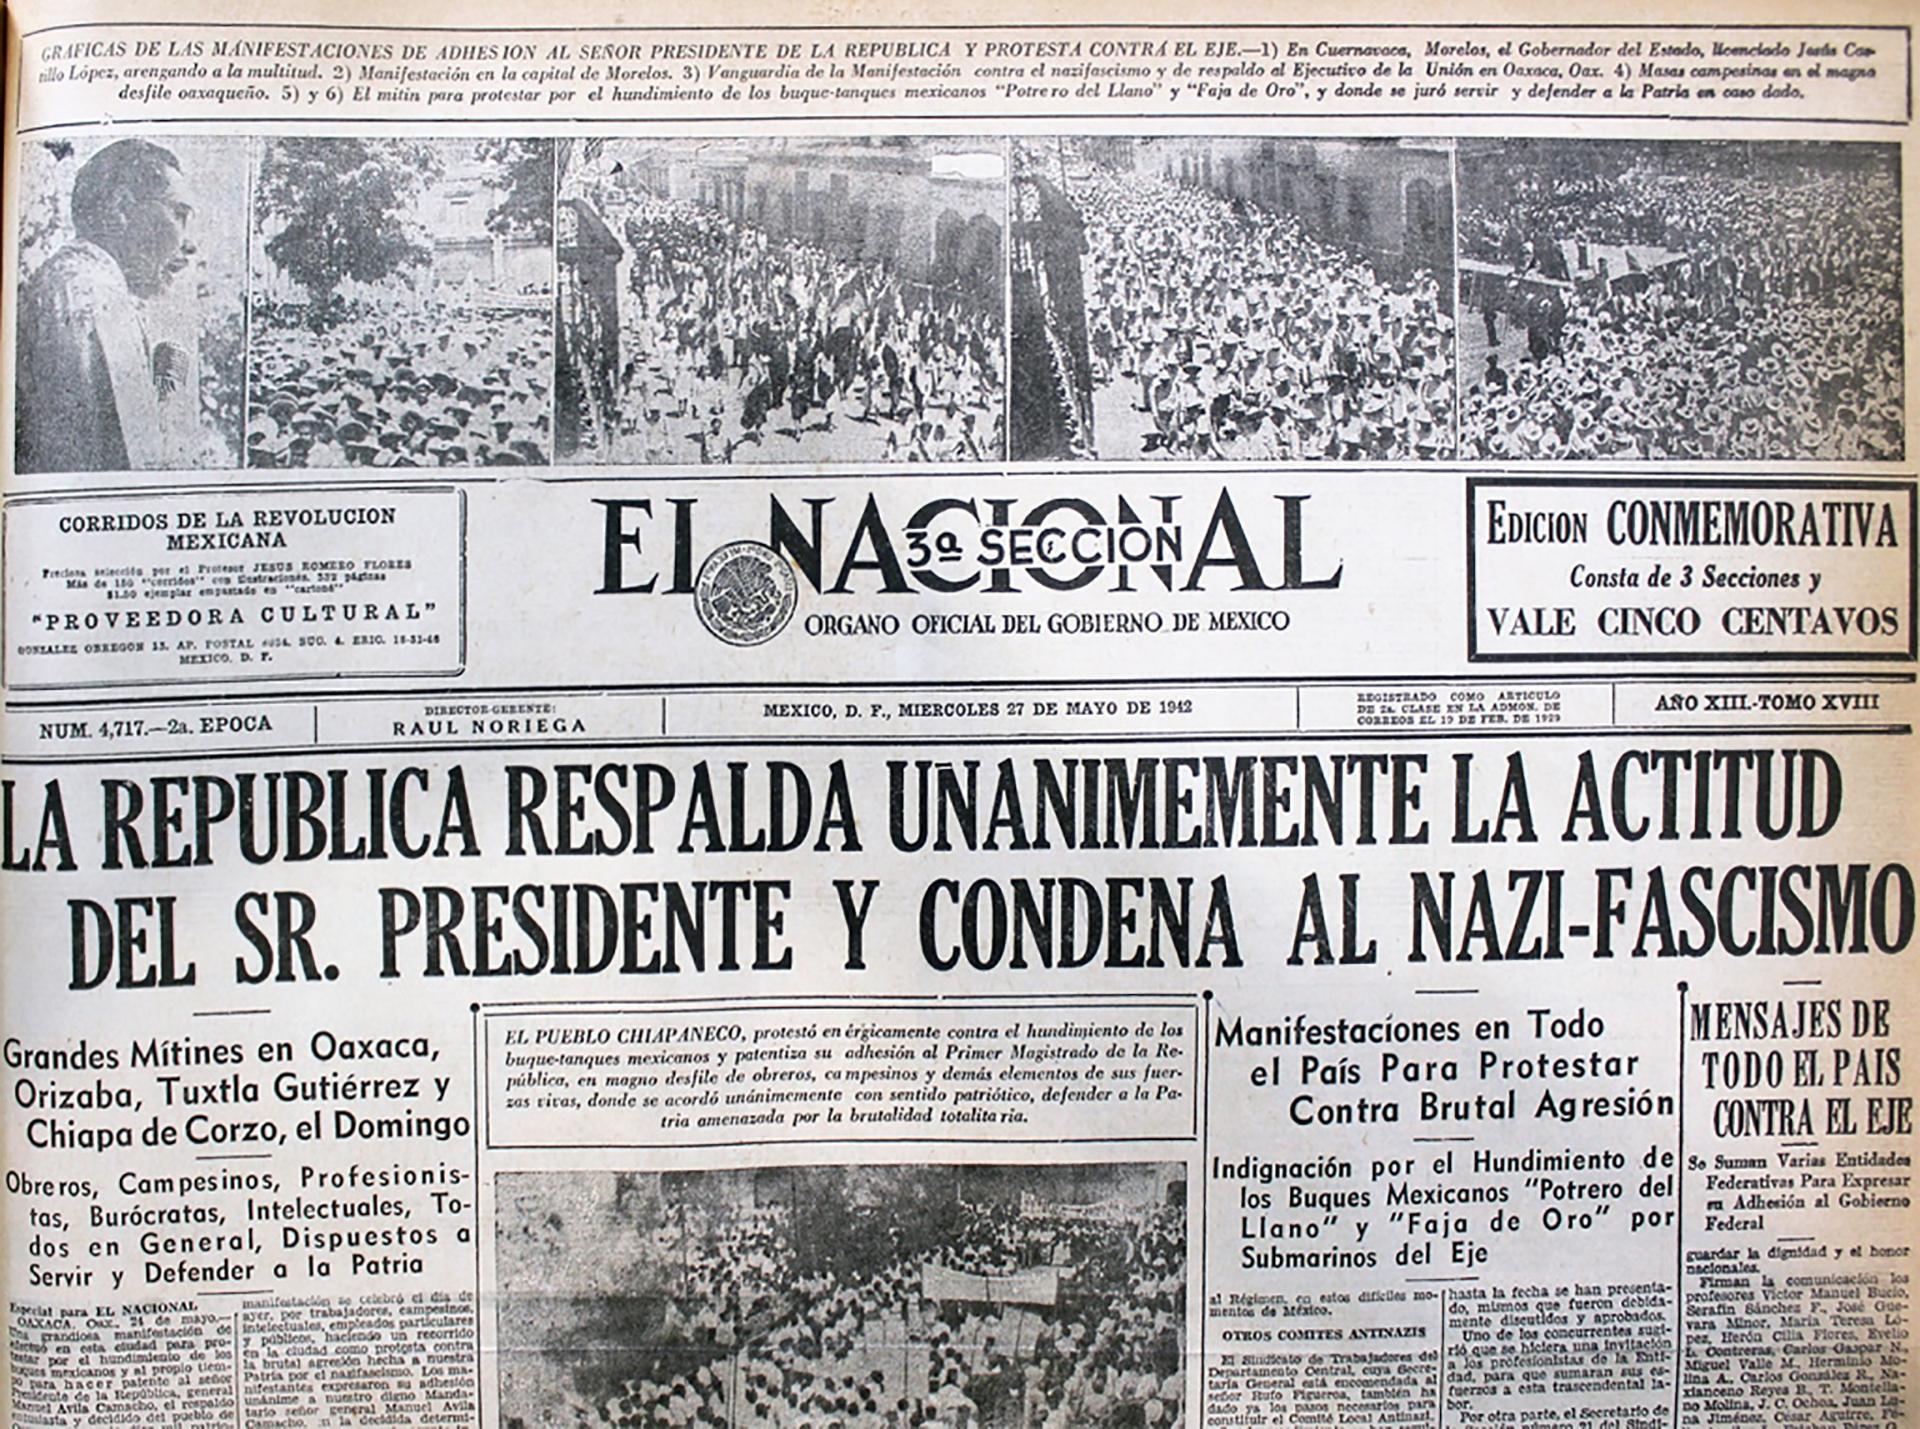 La Casi Desconocida Persecucion De Japoneses En Mexico Durante La Segunda Guerra Mundial Infobae